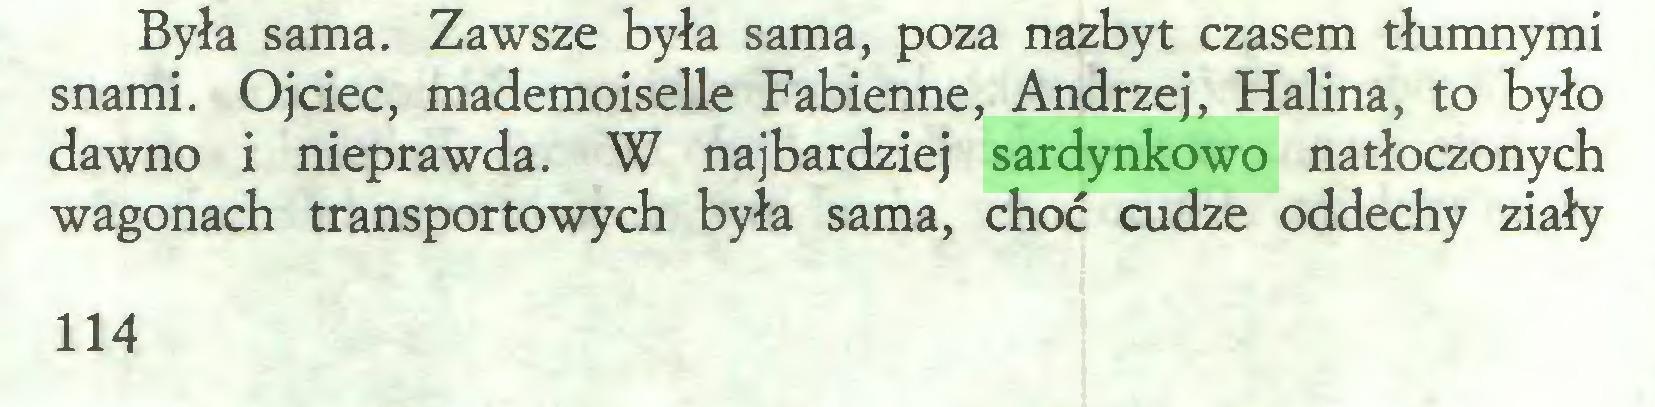 (...) Była sama. Zawsze była sama, poza nazbyt czasem tłumnymi snami. Ojciec, mademoiselle Fabienne, Andrzej, Halina, to było dawno i nieprawda. W najbardziej sardynkowo natłoczonych wagonach transportowych była sama, choć cudze oddechy ziały 114...